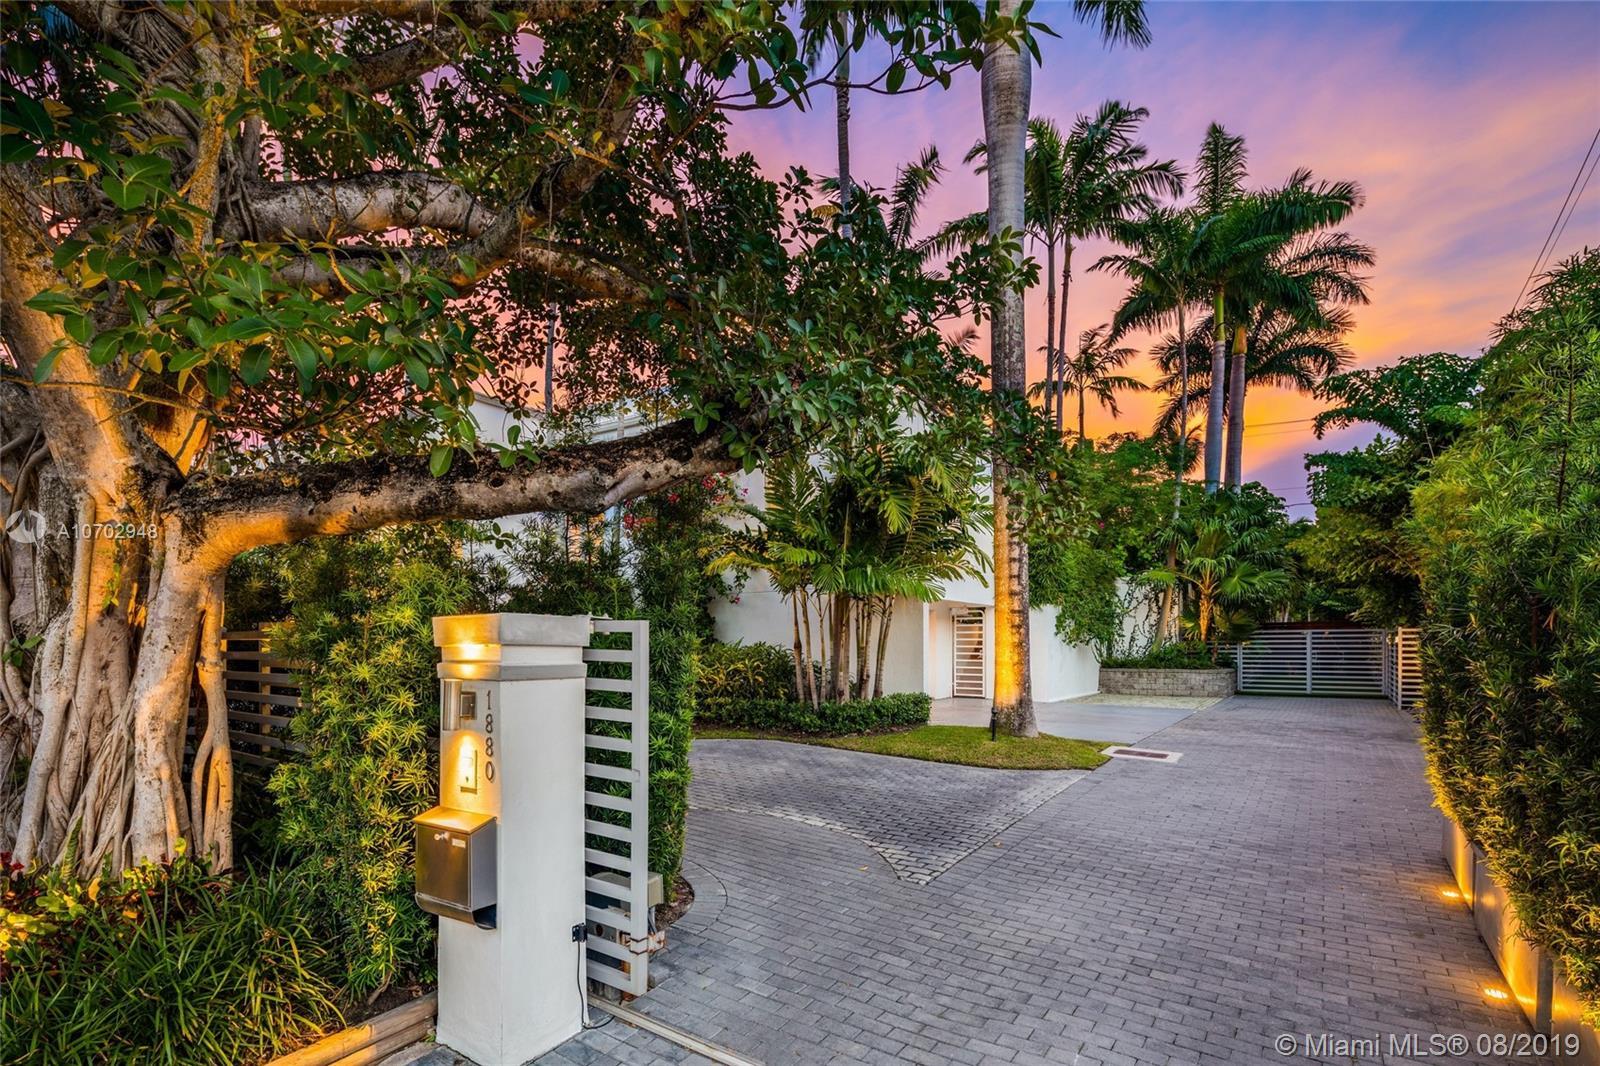 1880 S Bayshore Dr, Miami FL 33133